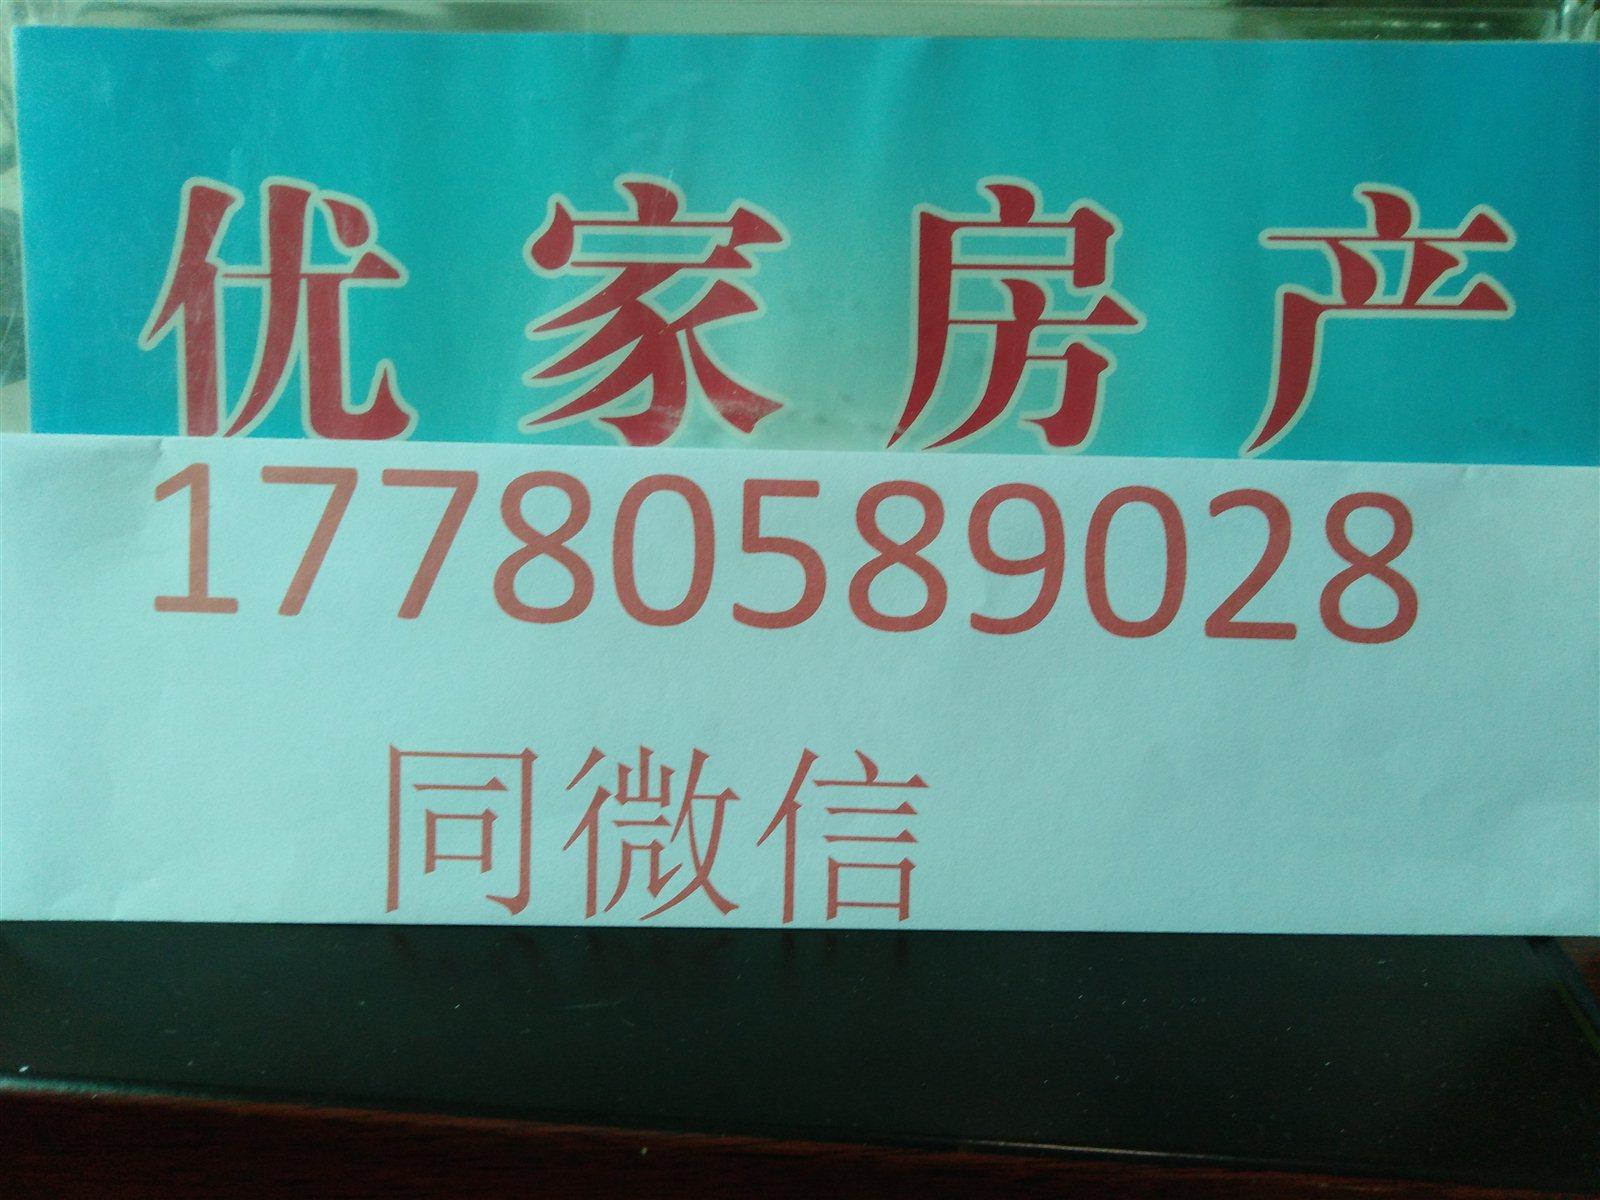 邛崃市区君平大道酒店租金35万每年